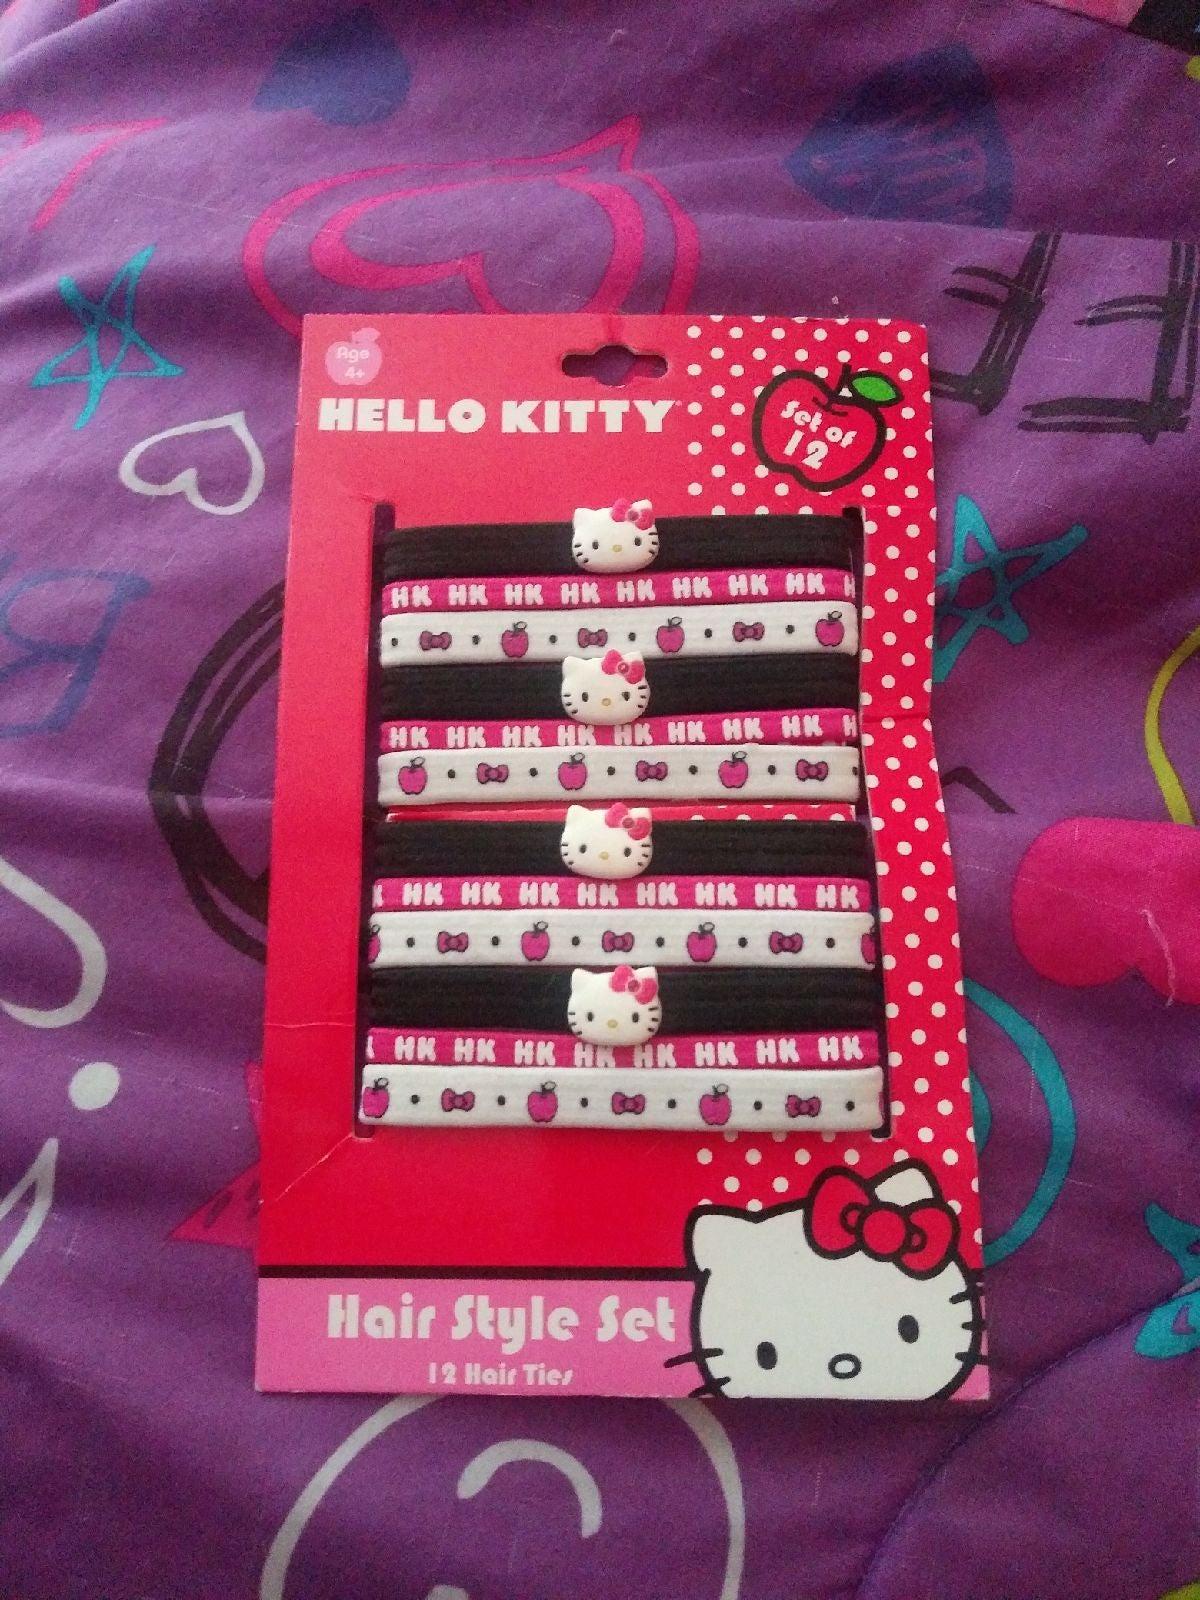 Hello Kitty Hair Style Set